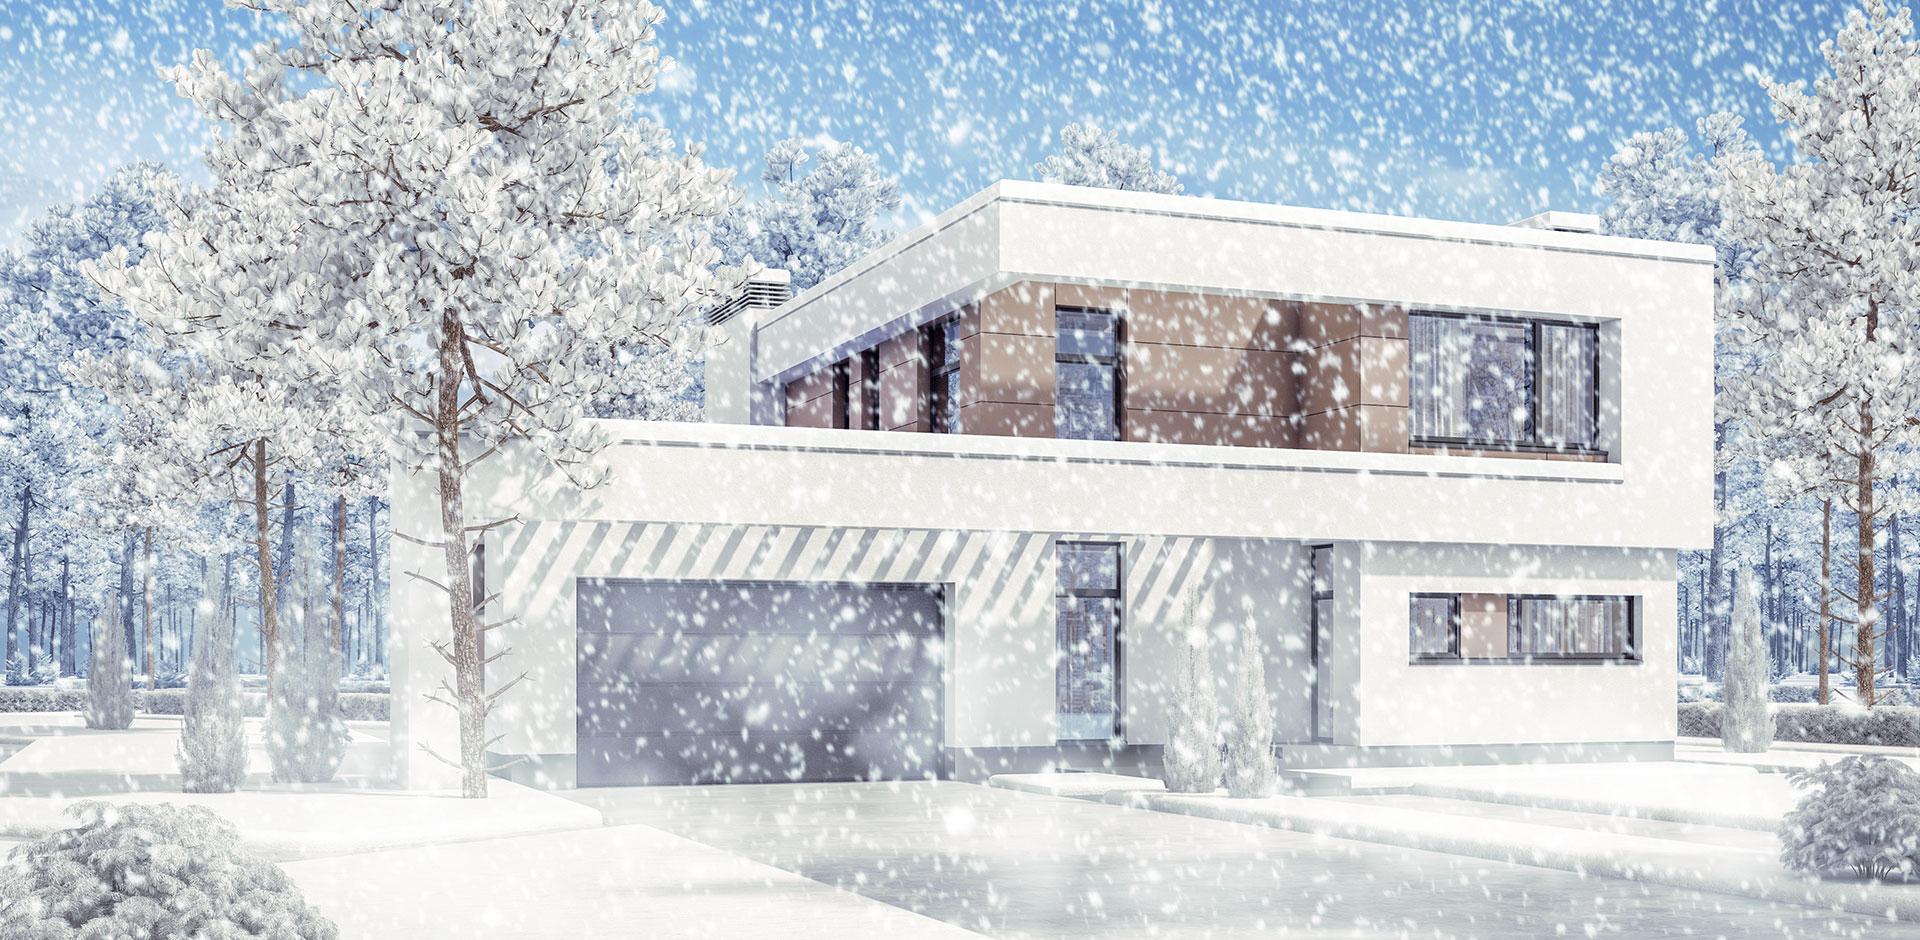 Maison de standing sous la neige